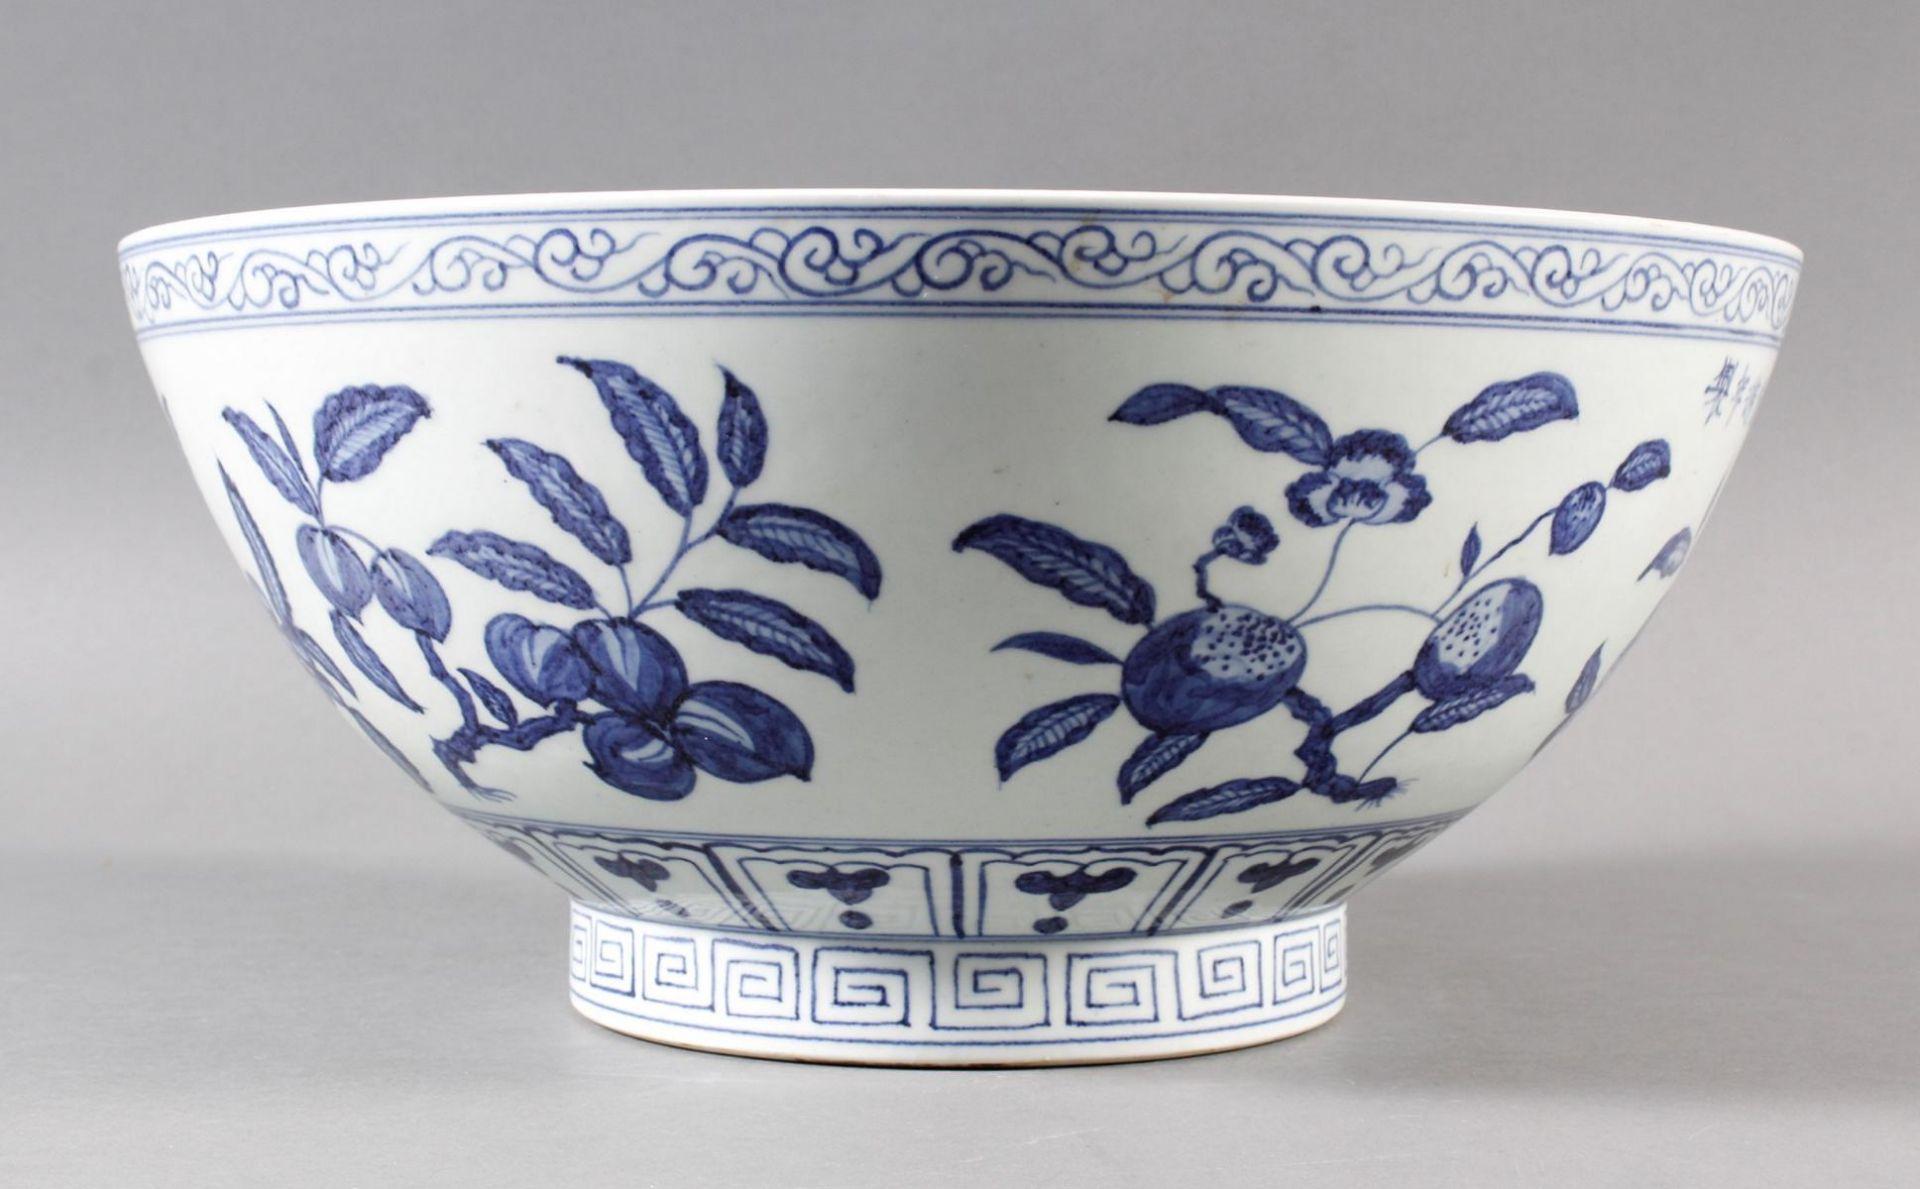 Große Porzellanschüssel, China, Hsüan-tê Marke - Bild 6 aus 17